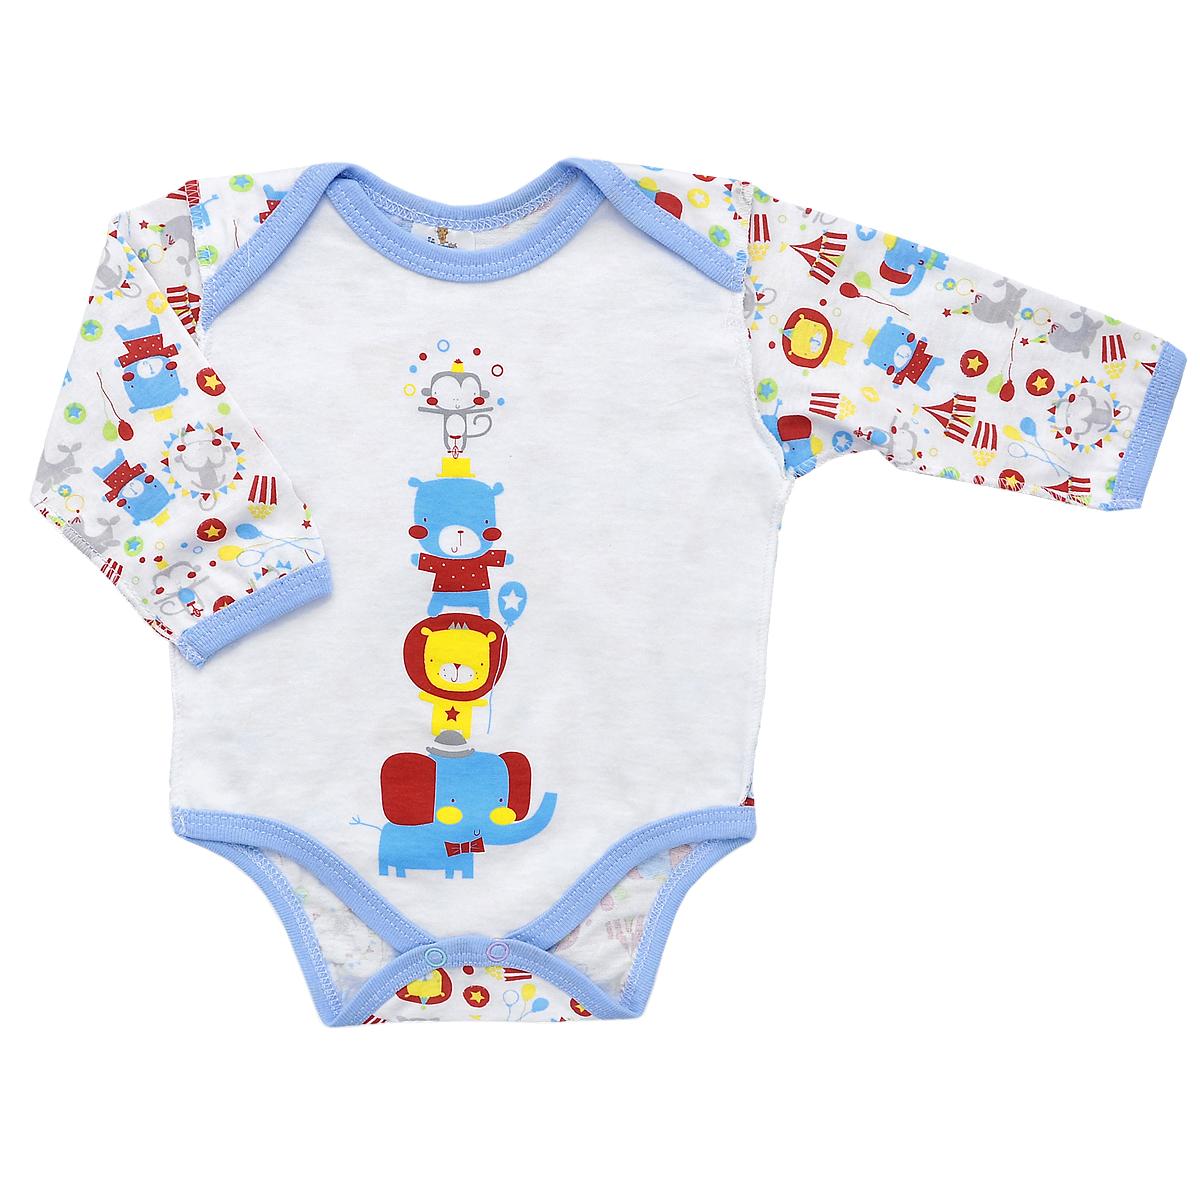 Боди для мальчика. 97479747Детское боди КотМарКот для мальчика с длинными рукавами послужит идеальным дополнением к гардеробу малыша, обеспечивая ему наибольший комфорт. Боди, выполненное швами наружу, изготовлено из натурального хлопка - кулирки, благодаря чему оно необычайно мягкое и легкое, не раздражает нежную кожу ребенка и хорошо вентилируется, а эластичные швы приятны телу малыша и не препятствуют его движениям. Удобные запахи на плечах и застежки-кнопки на ластовице помогают легко переодеть младенца или сменить подгузник. Боди на груди оформлено оригинальным принтом с изображением цирковых животных. Боди полностью соответствует особенностям жизни малютки в ранний период, не стесняя и не ограничивая его в движениях. В нем ваш ребенок всегда будет в центре внимания.